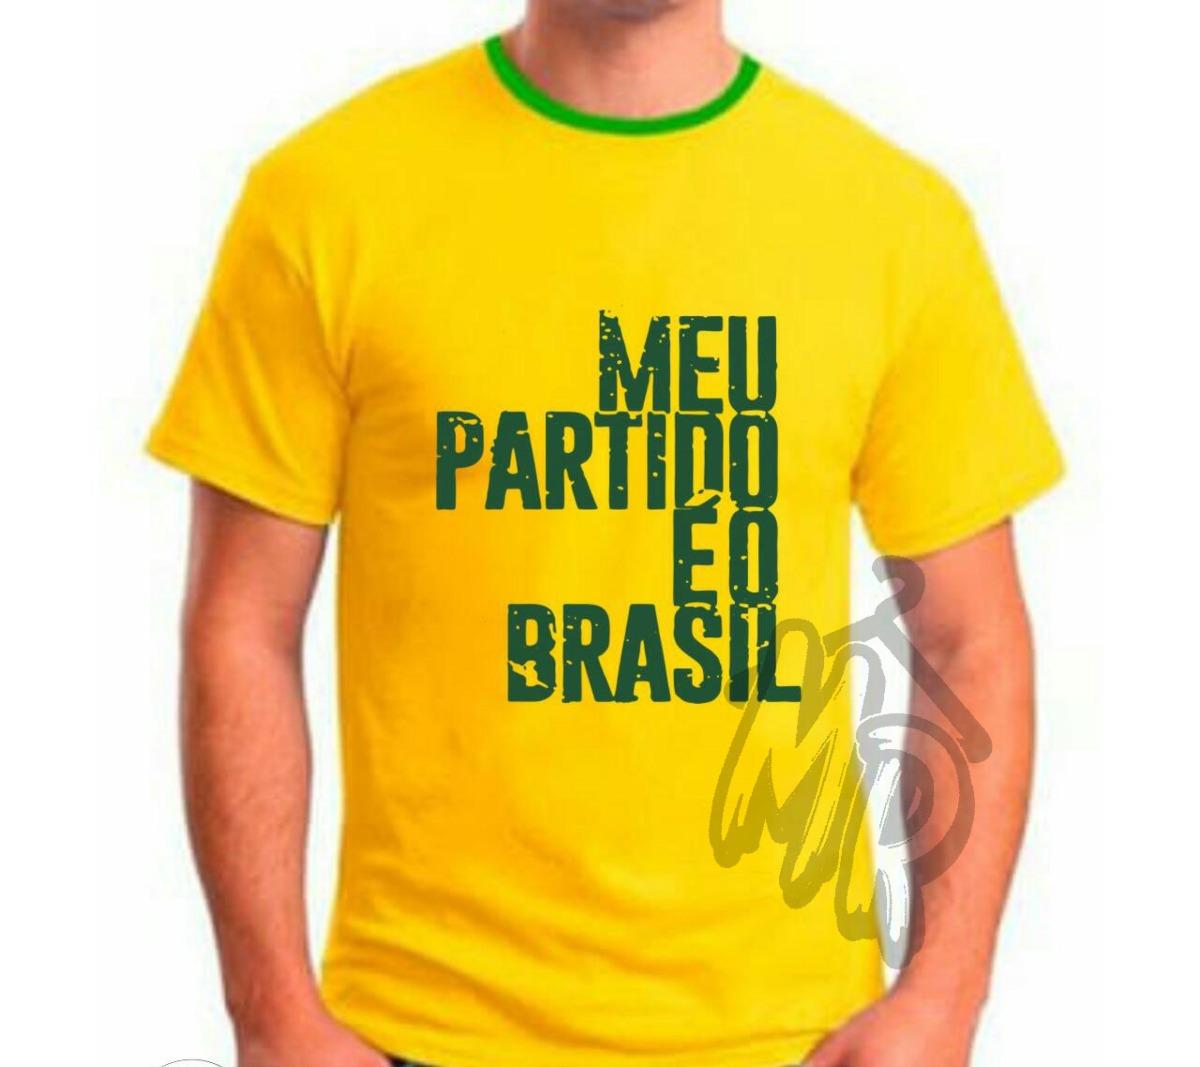 fc7bdd709a 2 camisetas bolsonaro meu partido é o brasil camisa amarela. Carregando  zoom.